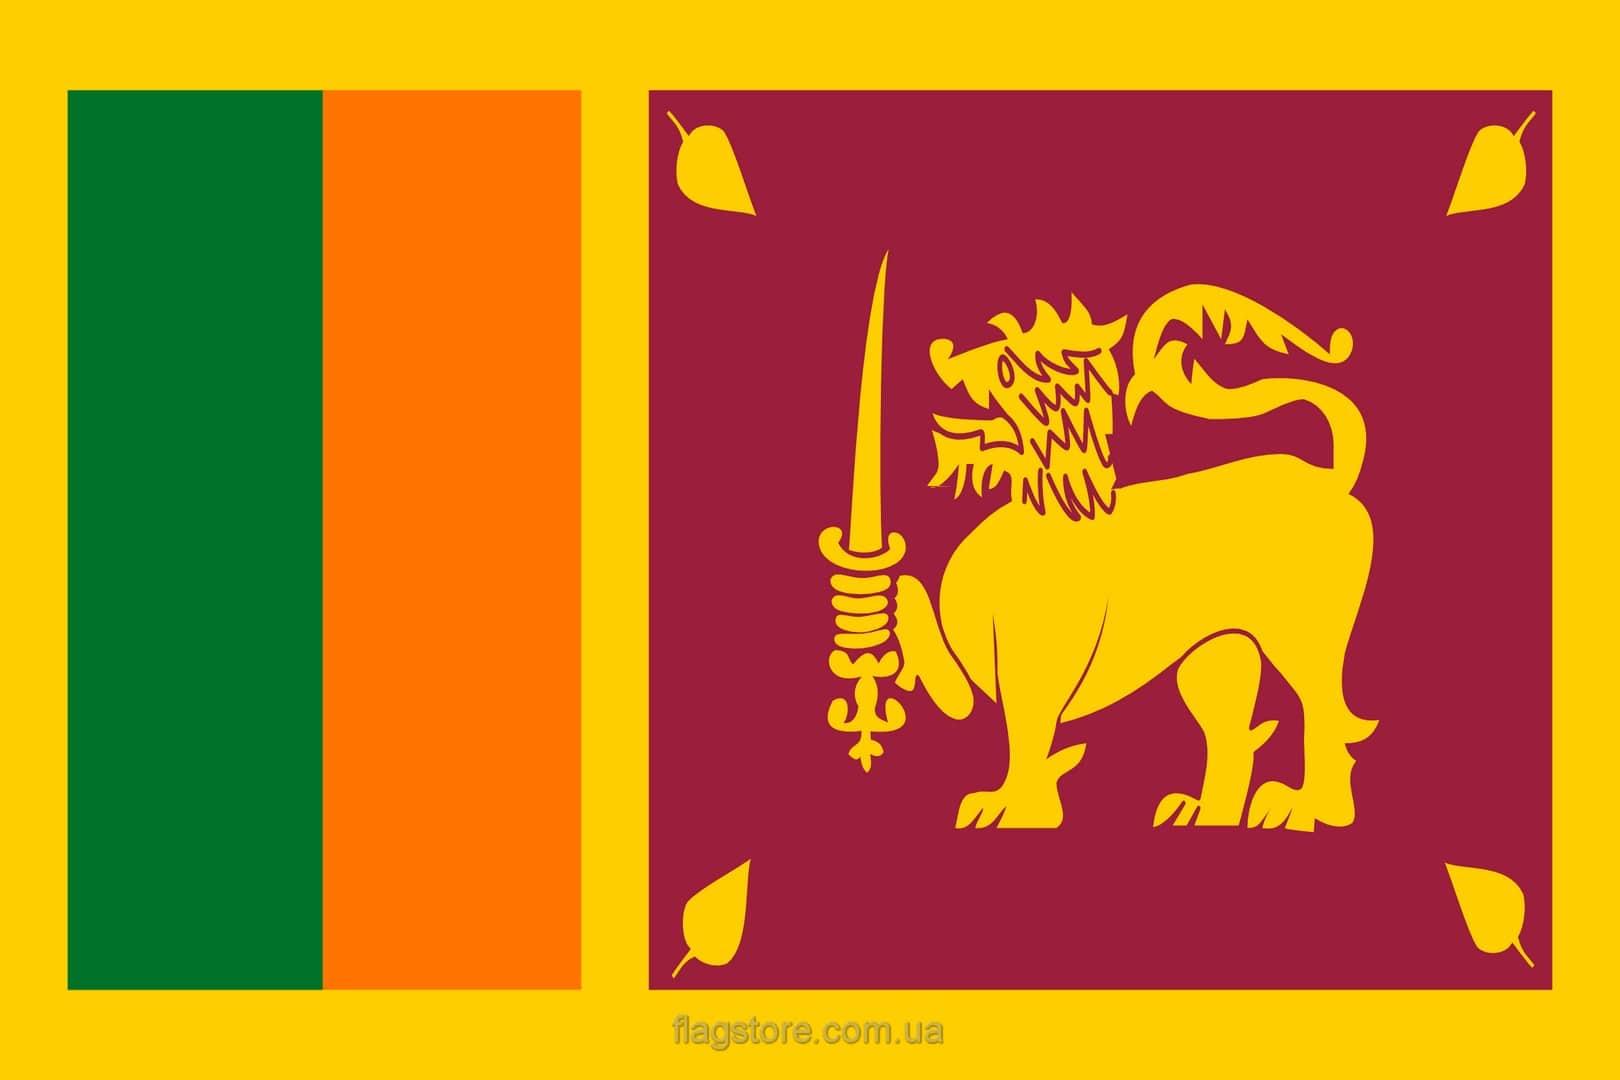 Купить флаг Шри-Ланки (страны Шри-Ланка)